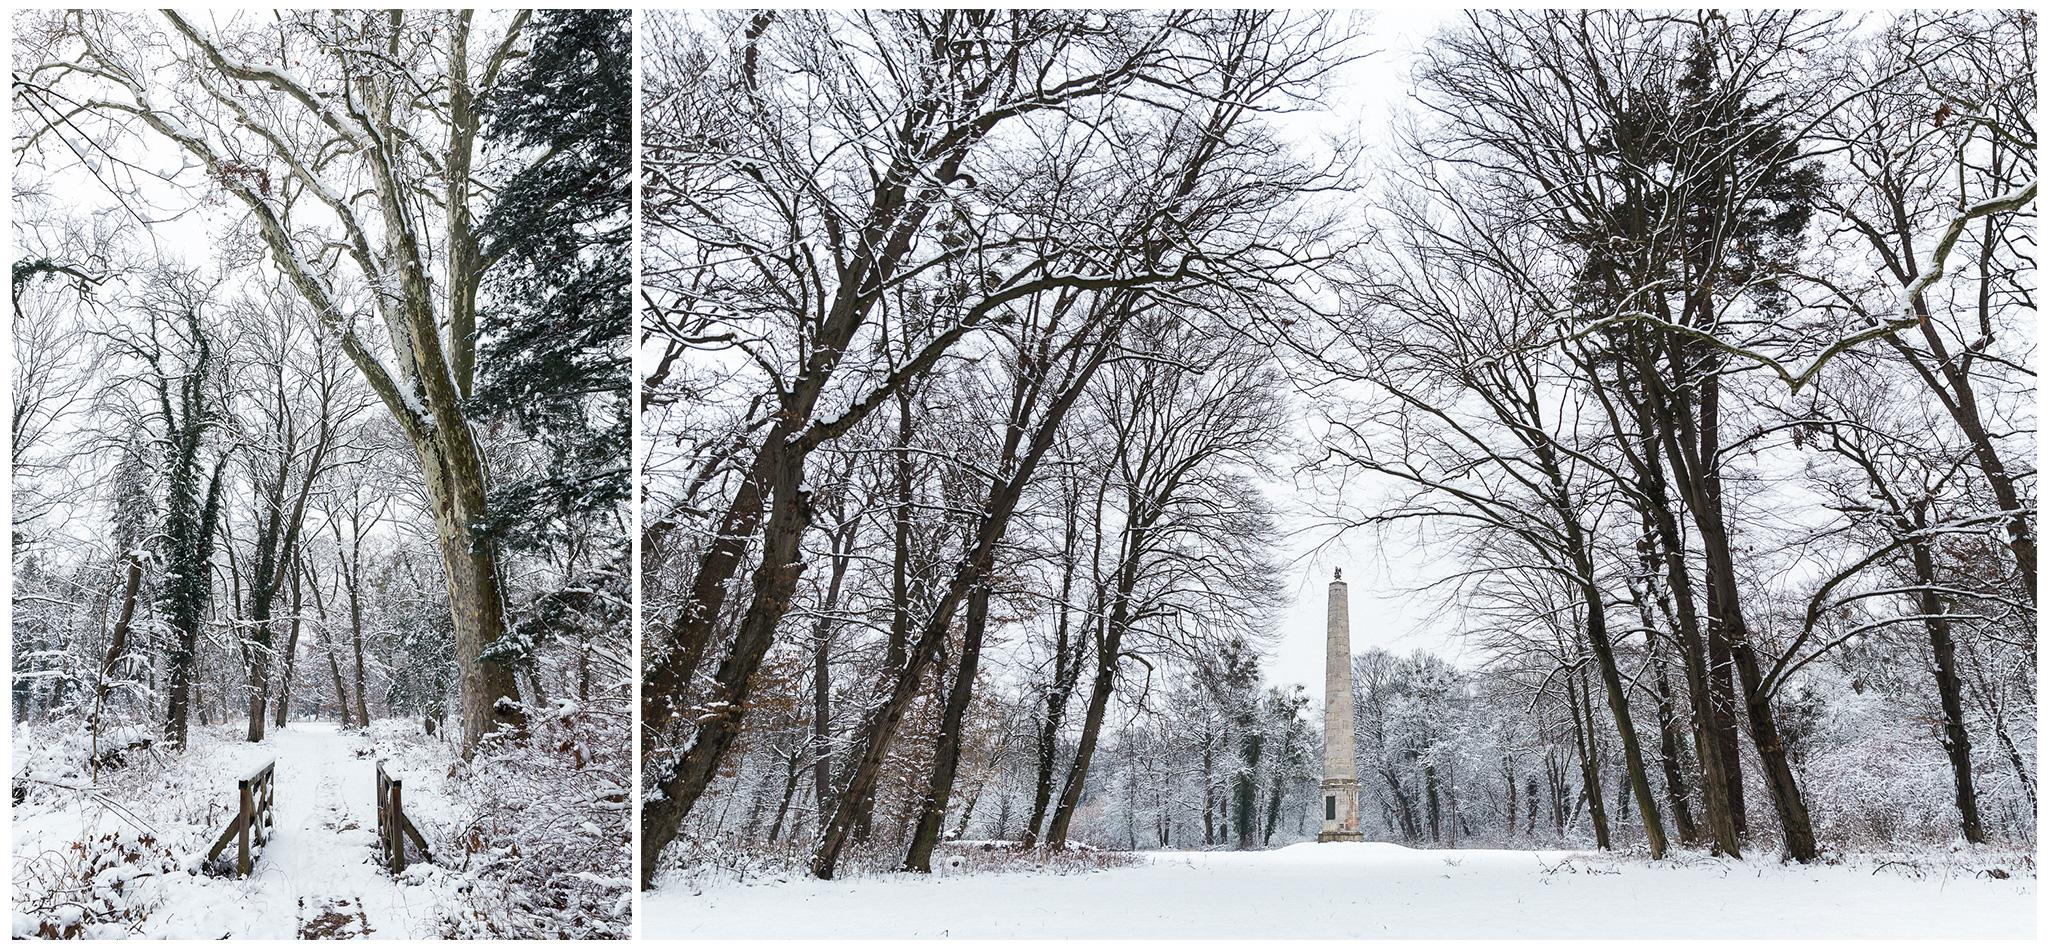 Körmend,Várkert,tél,2018,Fülöp Péter, fylepphoto, Vasmegye, Dunántúl_004.jpg